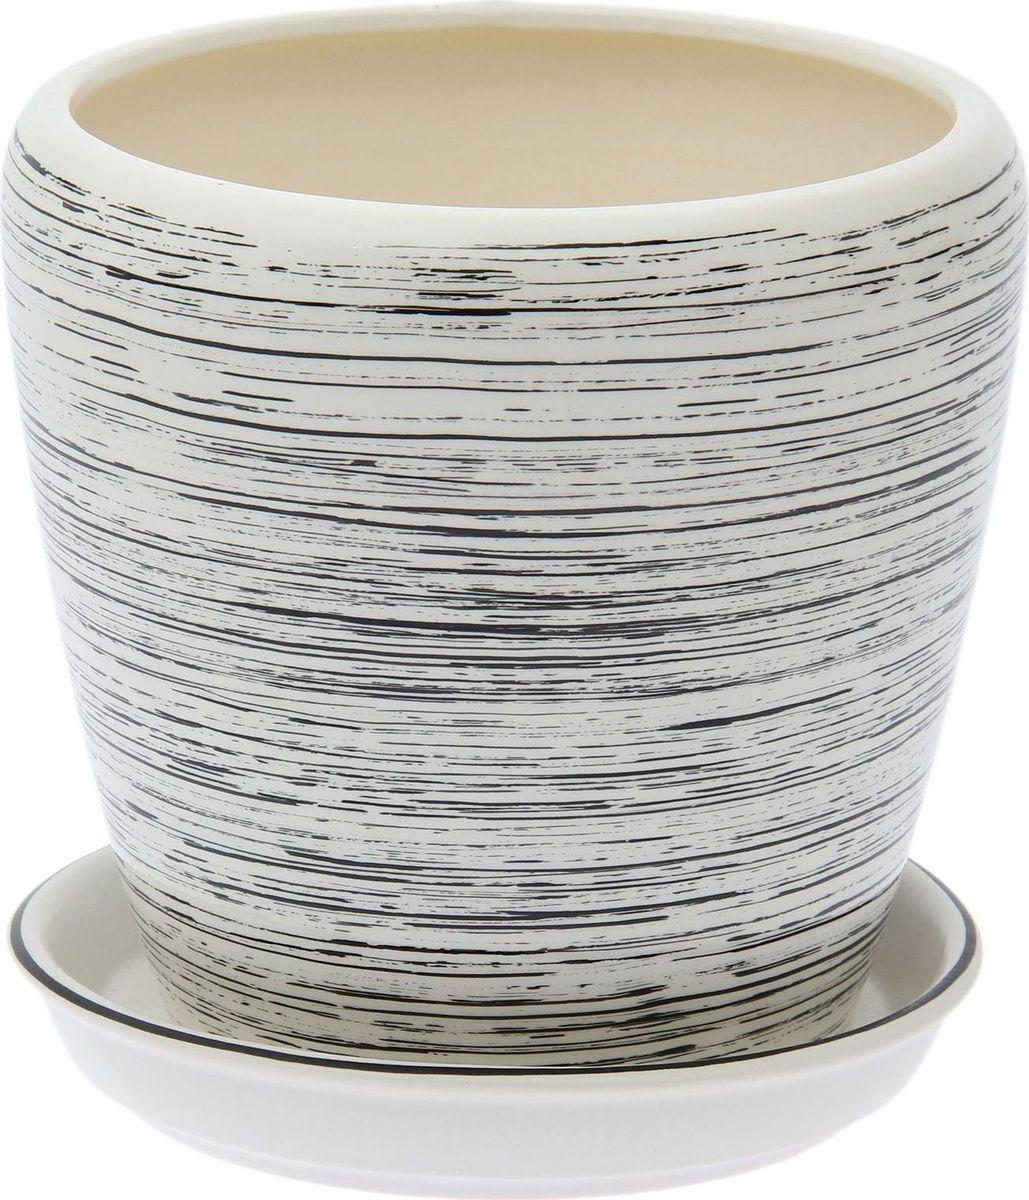 Кашпо Керамика ручной работы Грация. Глянец, цвет: белый, черный, 4,5 л1489684Комнатные растения — всеобщие любимцы. Они радуют глаз, насыщают помещение кислородом и украшают пространство. Каждому из них необходим свой удобный и красивый дом. Кашпо из керамики прекрасно подходят для высадки растений: за счёт пластичности глины и разных способов обработки существует великое множество форм и дизайновпористый материал позволяет испаряться лишней влагевоздух, необходимый для дыхания корней, проникает сквозь керамические стенки! #name# позаботится о зелёном питомце, освежит интерьер и подчеркнёт его стиль.